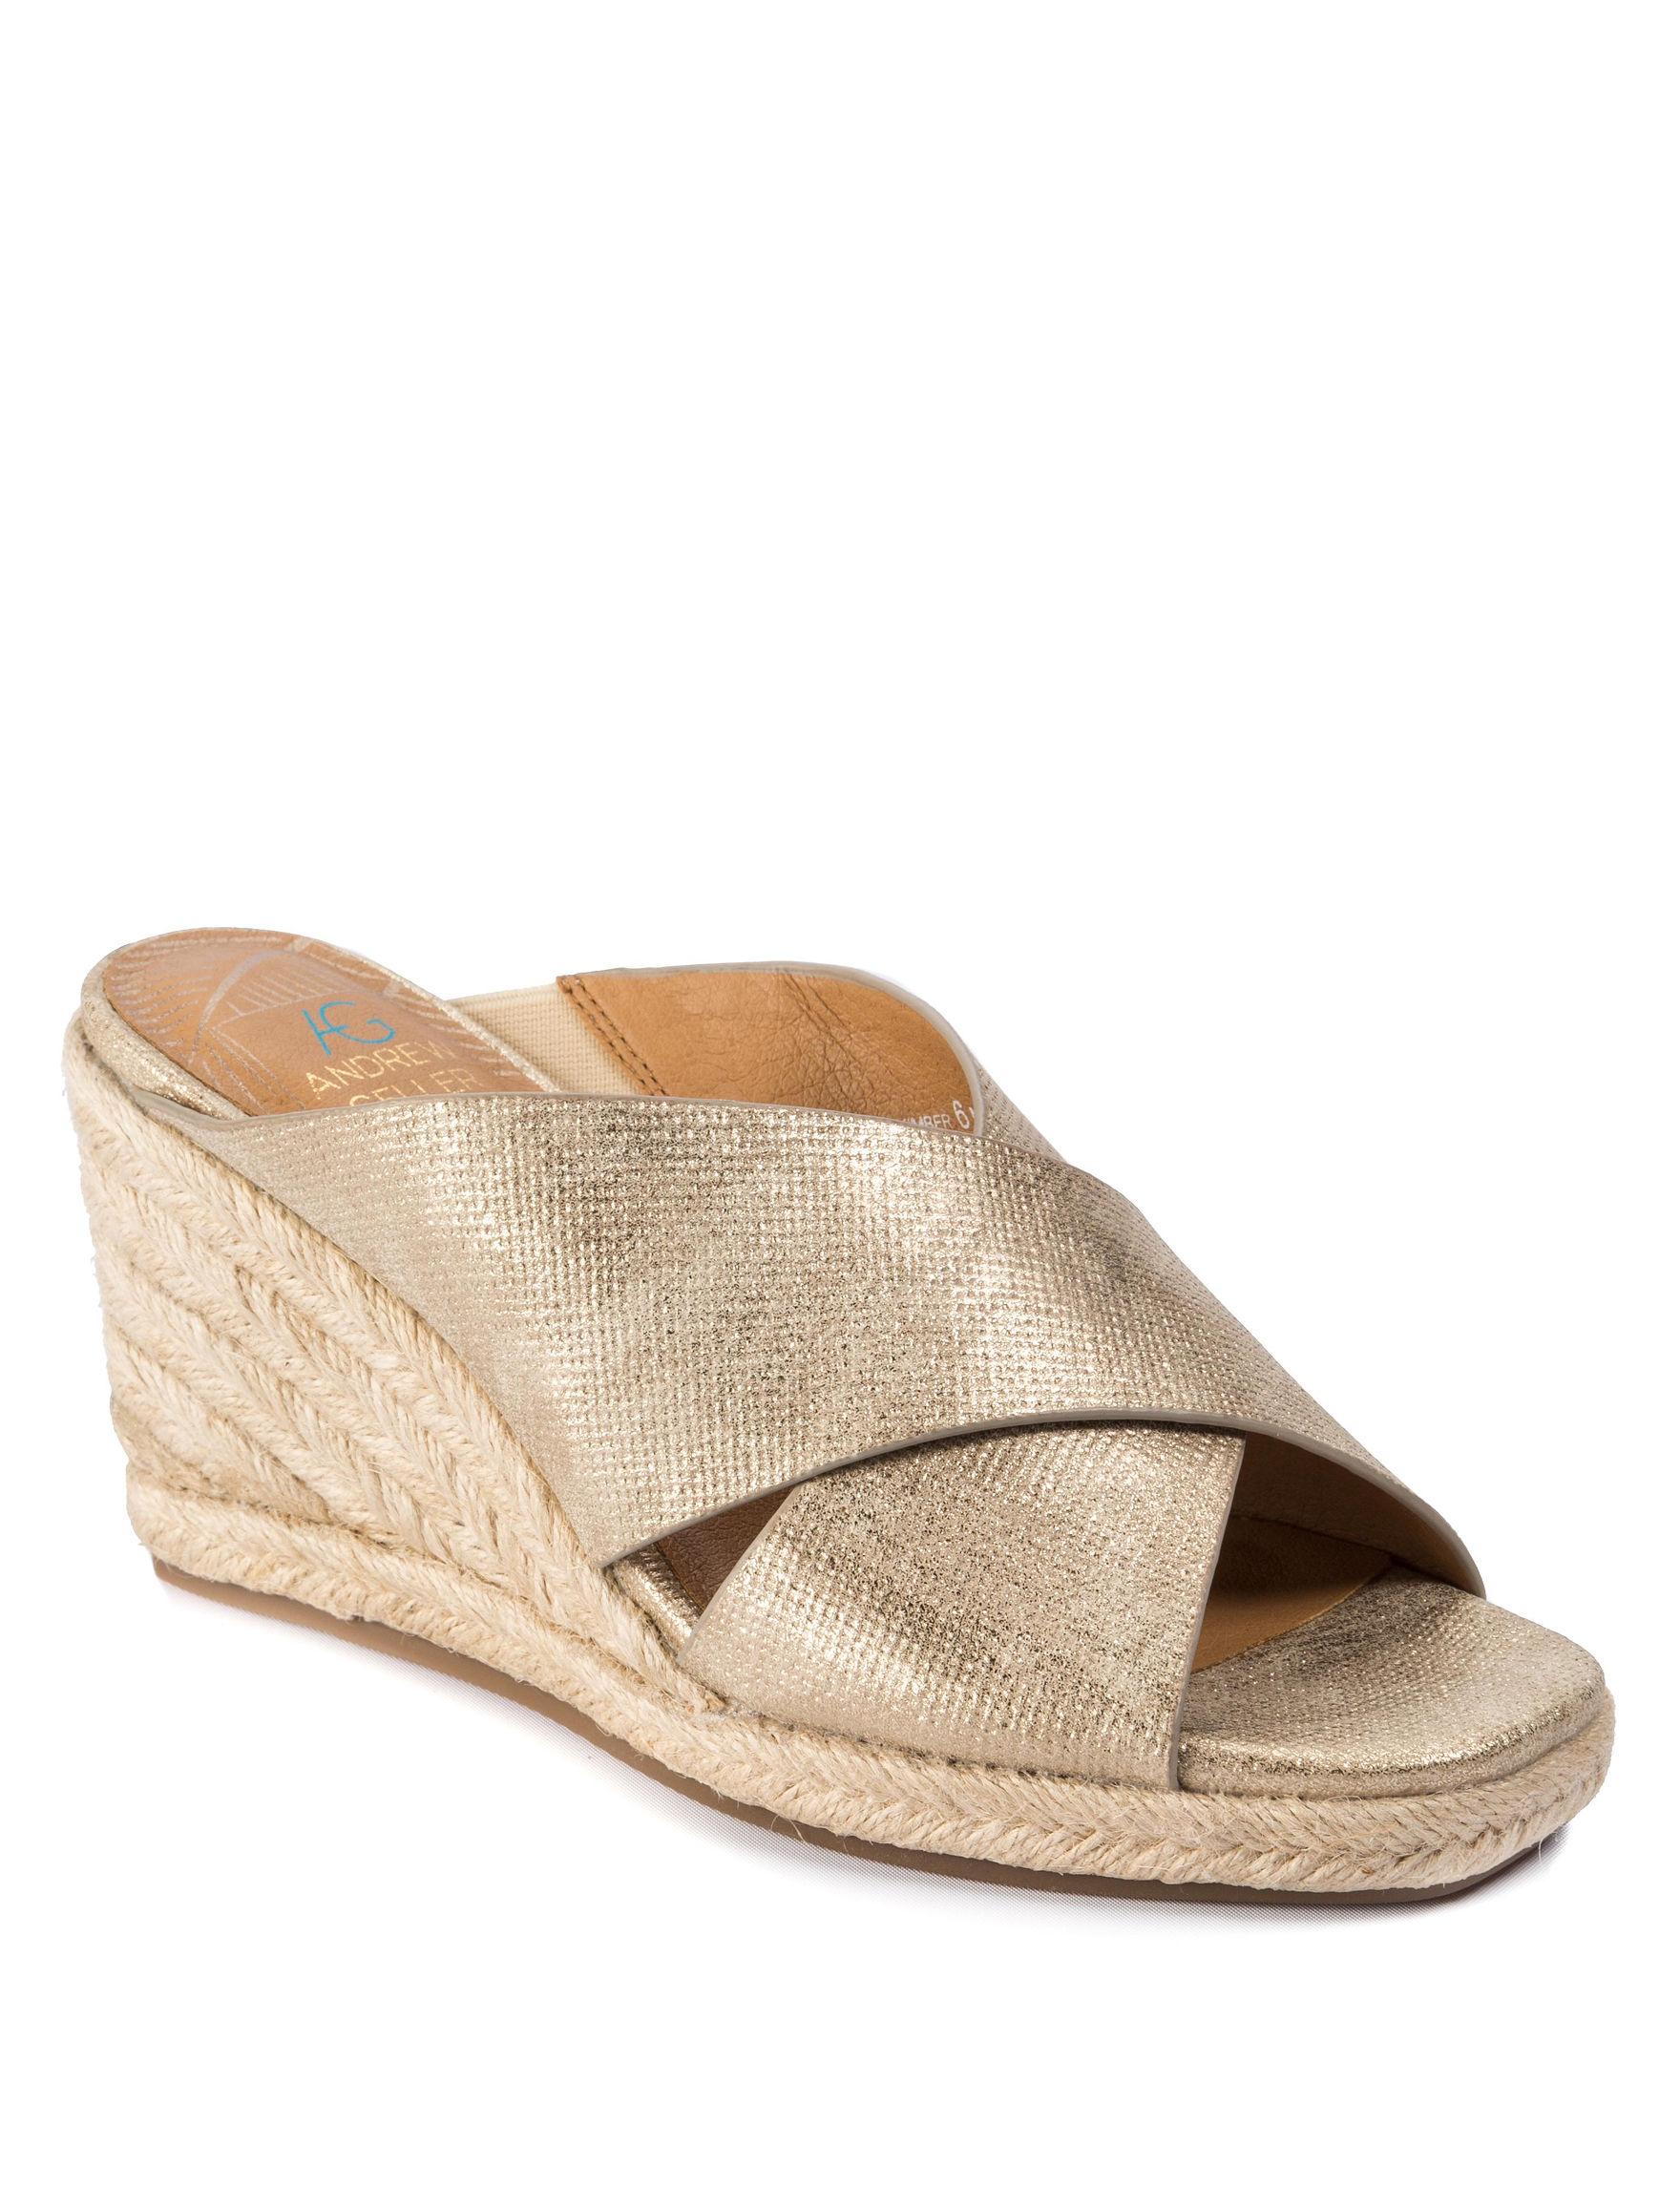 Andrew Geller Gold Wedge Sandals